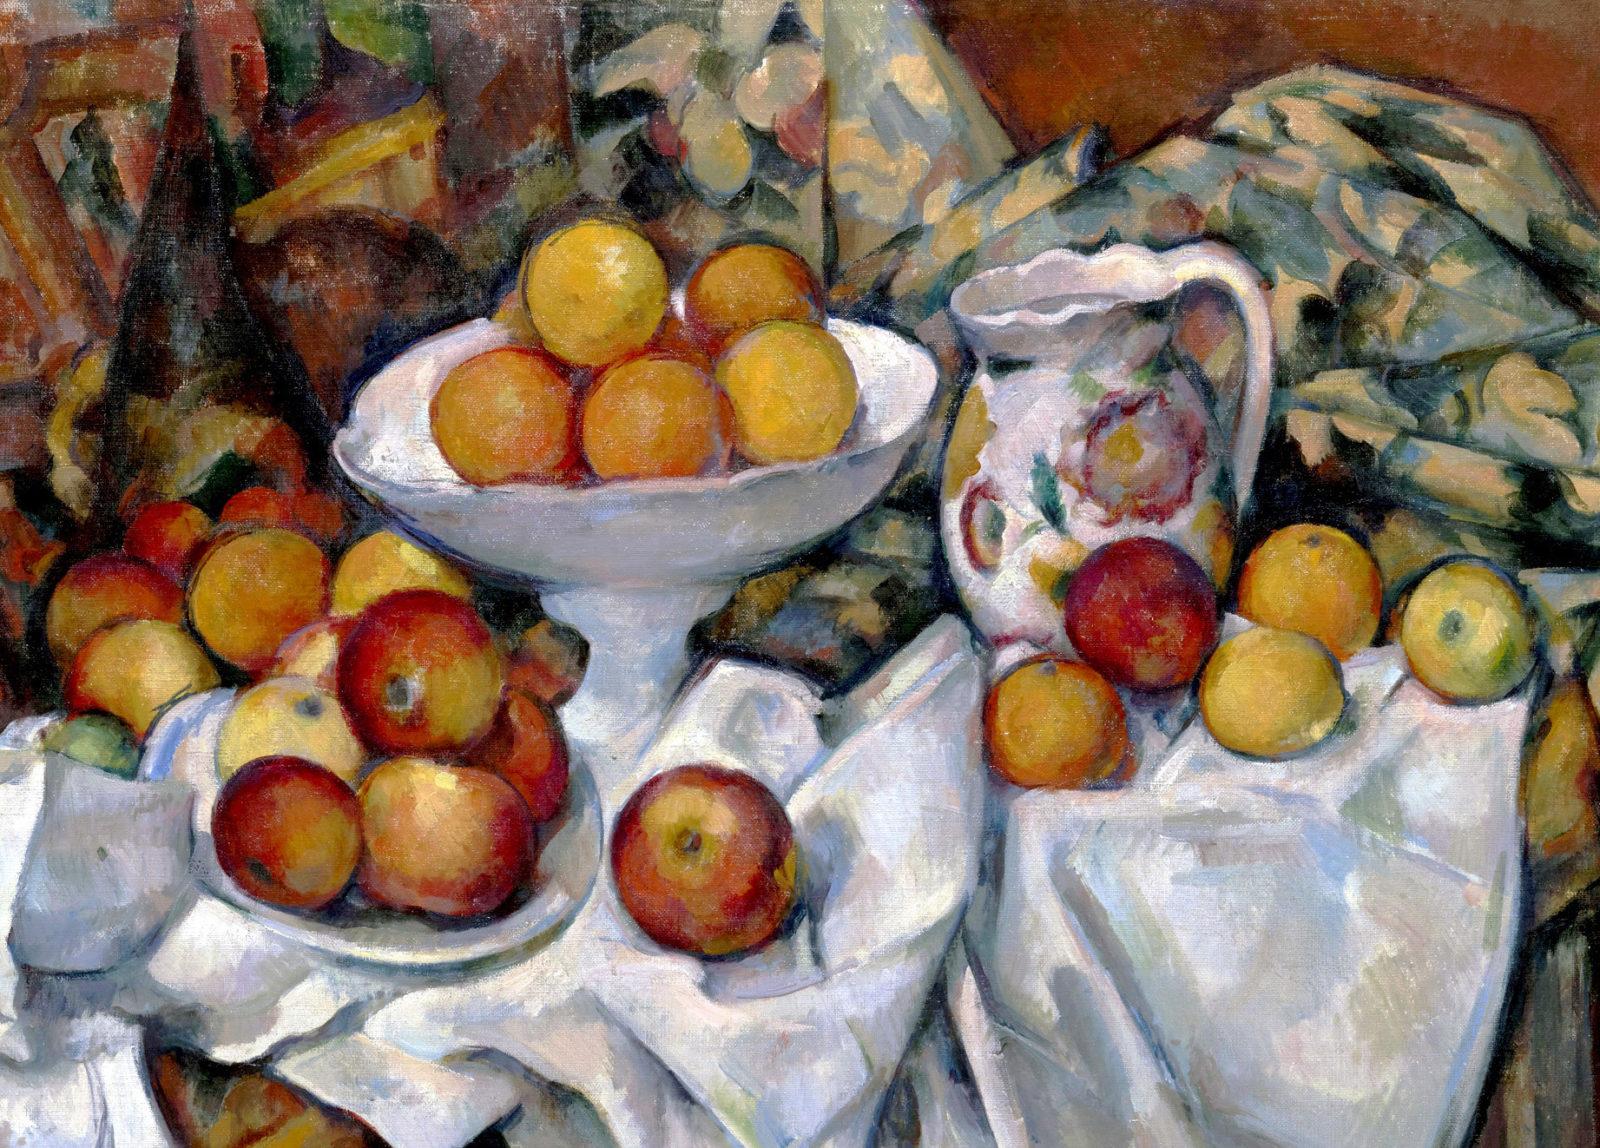 存在の本質にどこまでも迫る!  セザンヌ「リンゴとオレンジのある静物」(1895-1900)